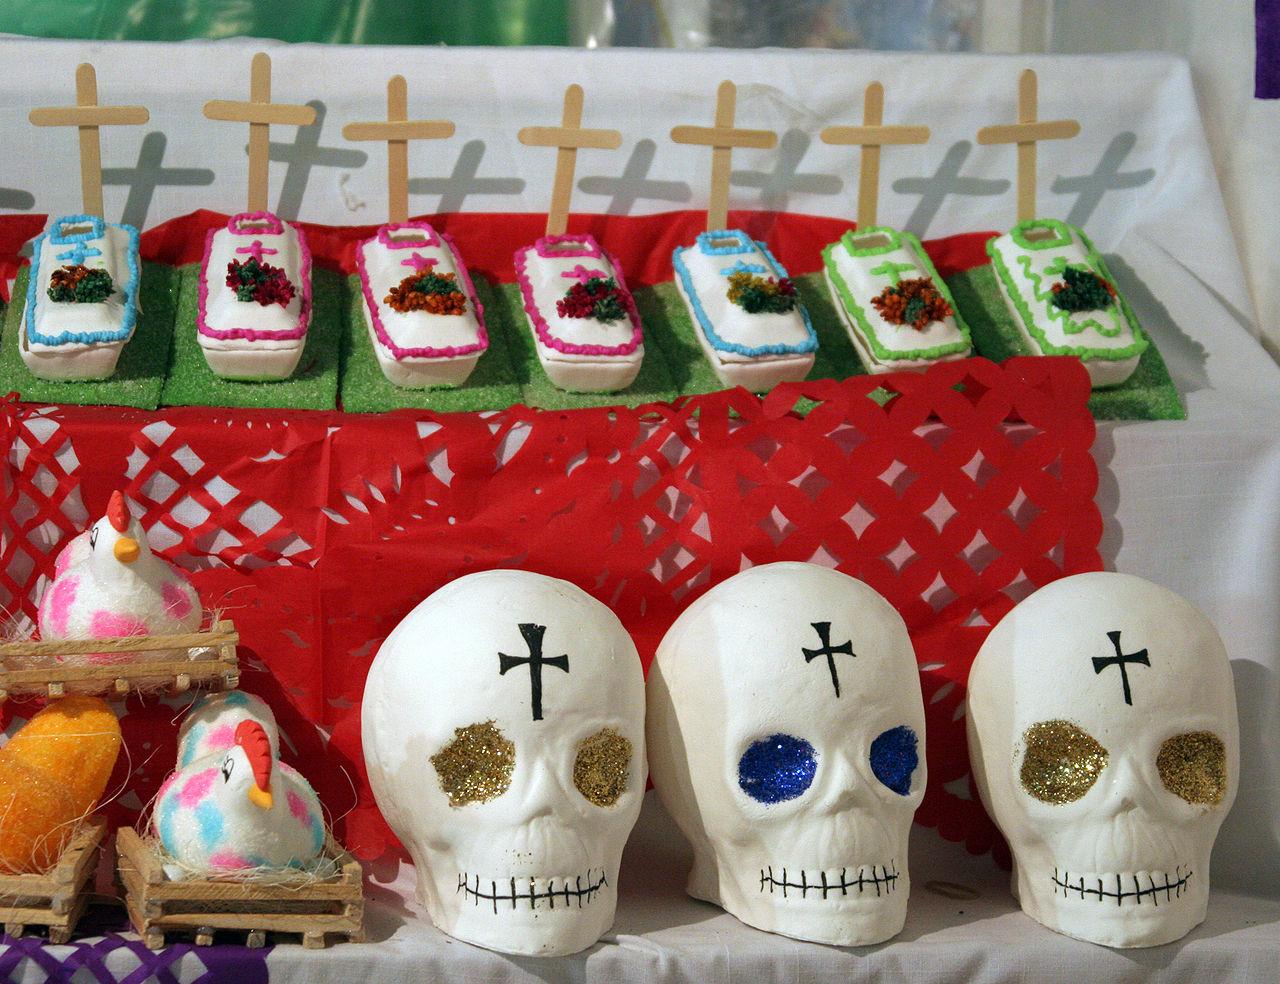 Süsser Tod: Zuckerfiguren f ür dia de las muertos.Sie ersetzen die einstigen Schädelgestelle.